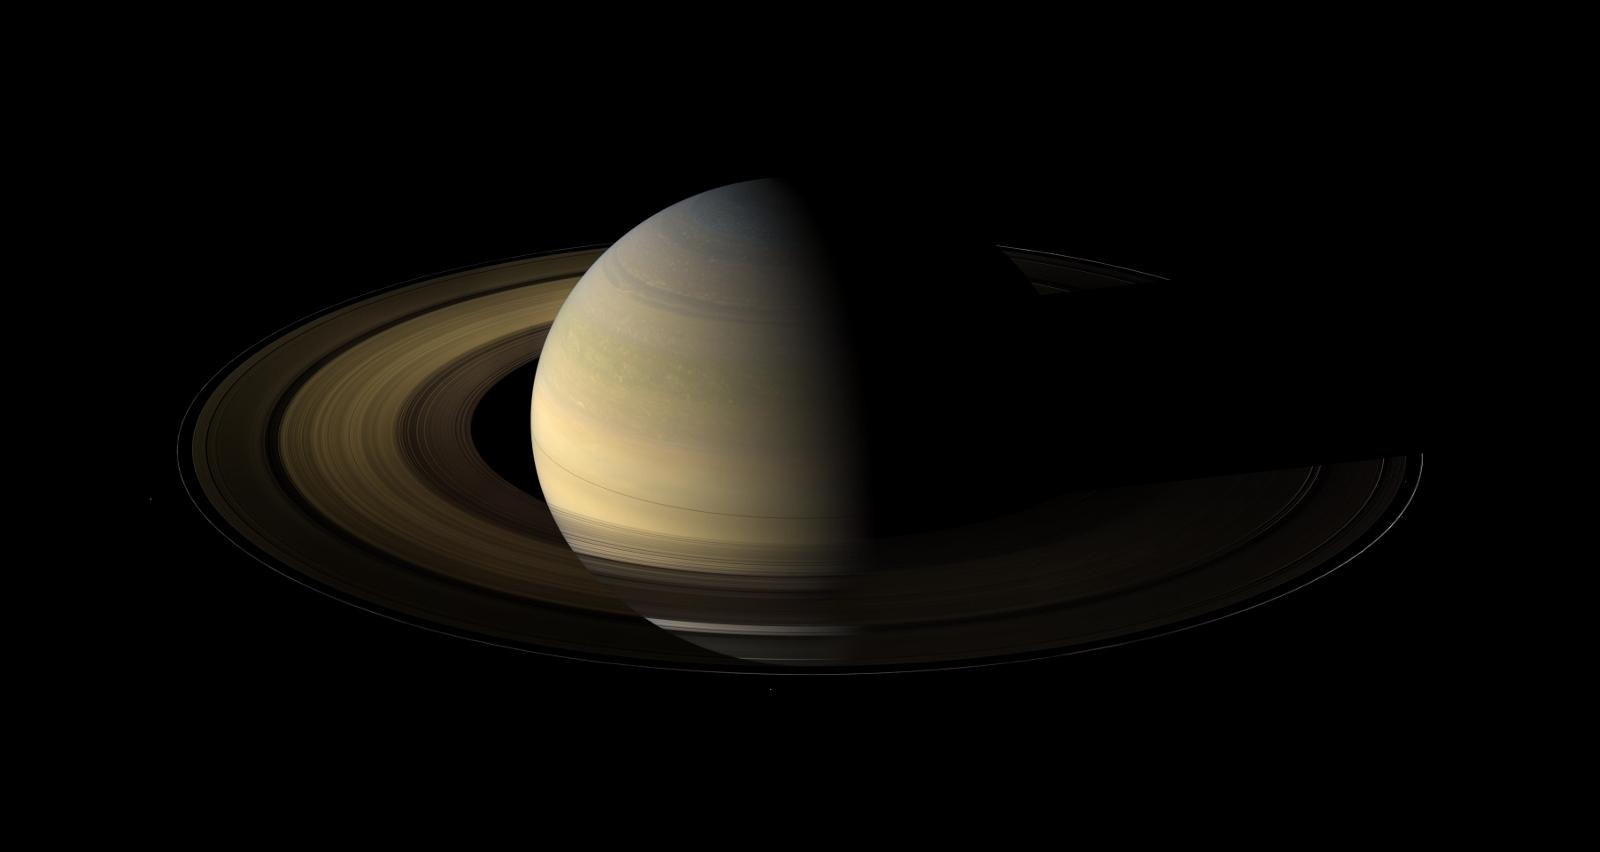 土星探査機カッシーニが捉えた美しい土星の姿_d0063814_20575978.jpg